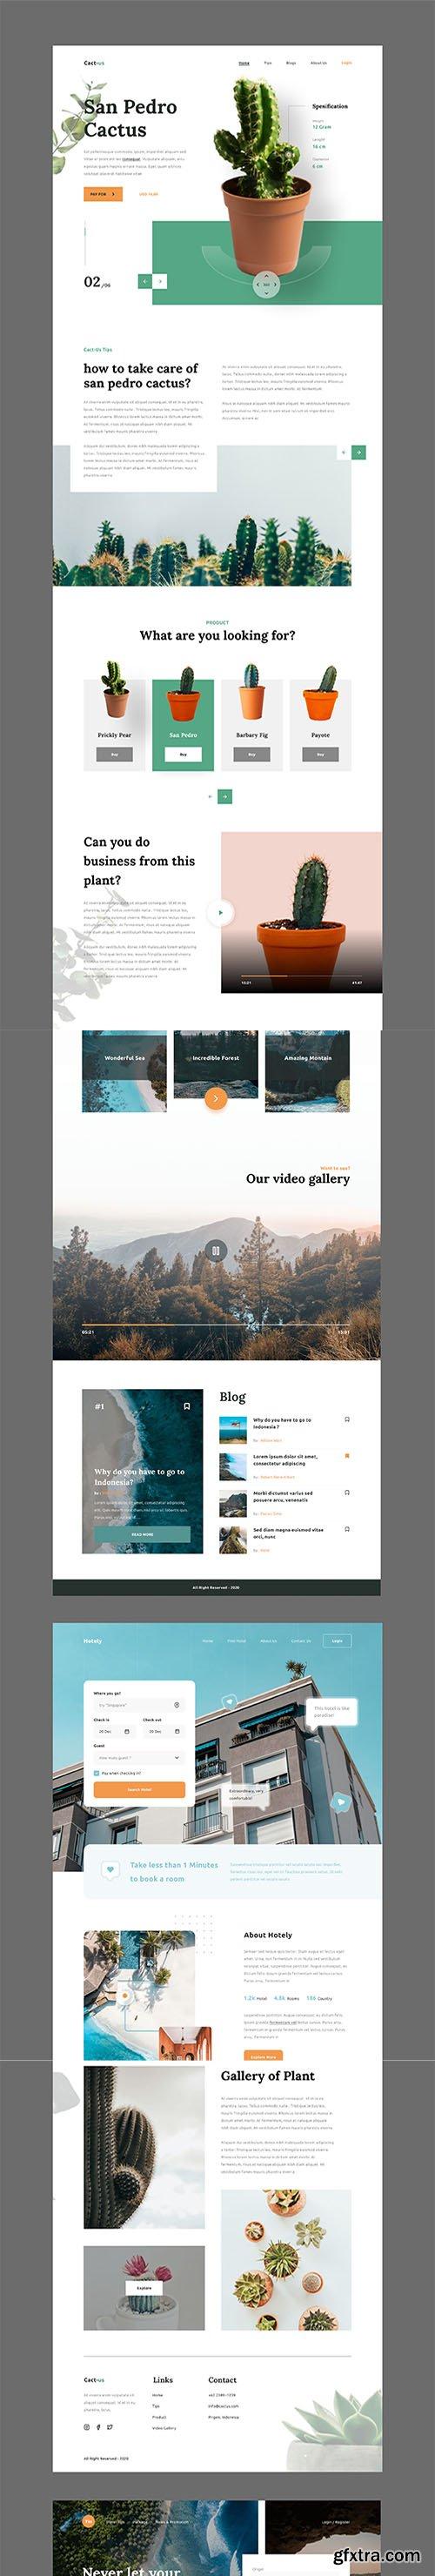 Wiloa 2.0 - Landing Page UI-Kit